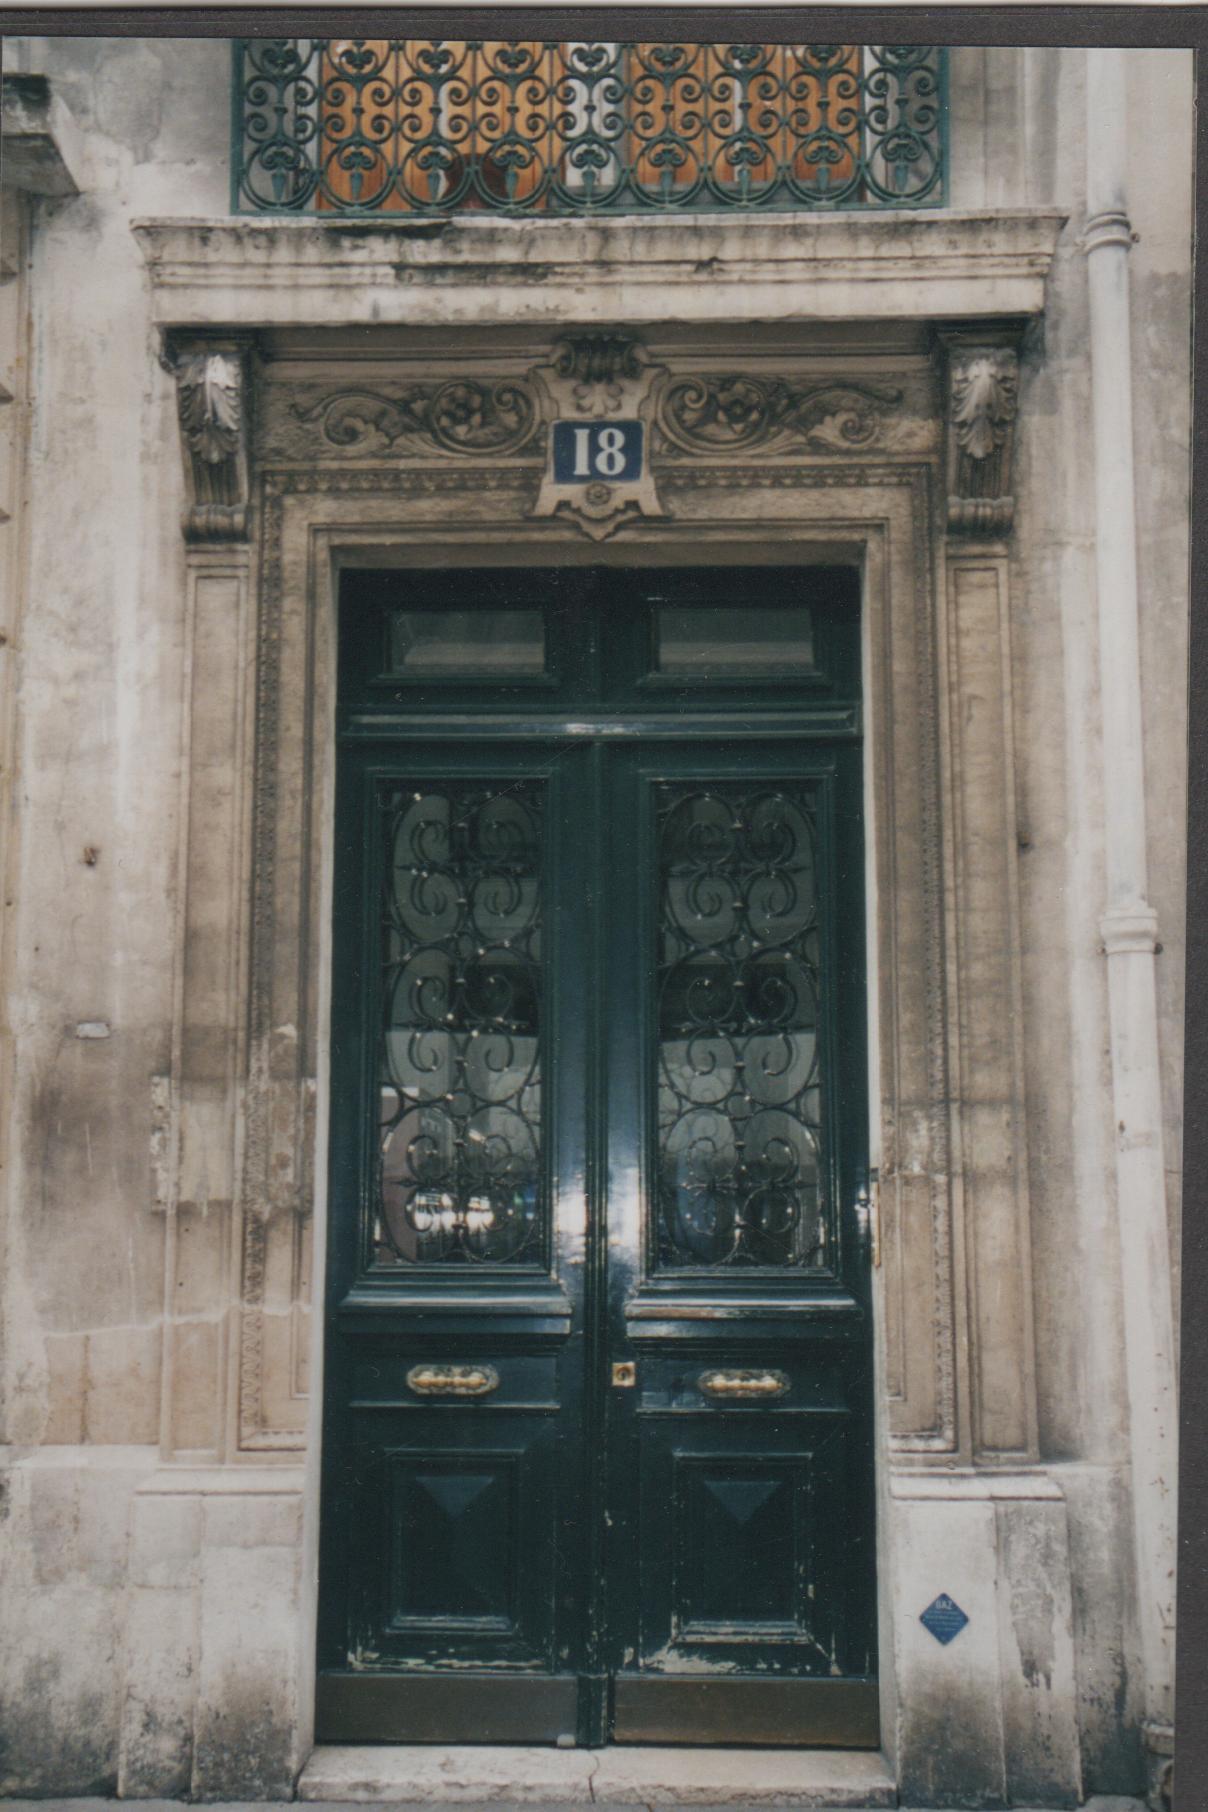 paris door, french door, paris architecture